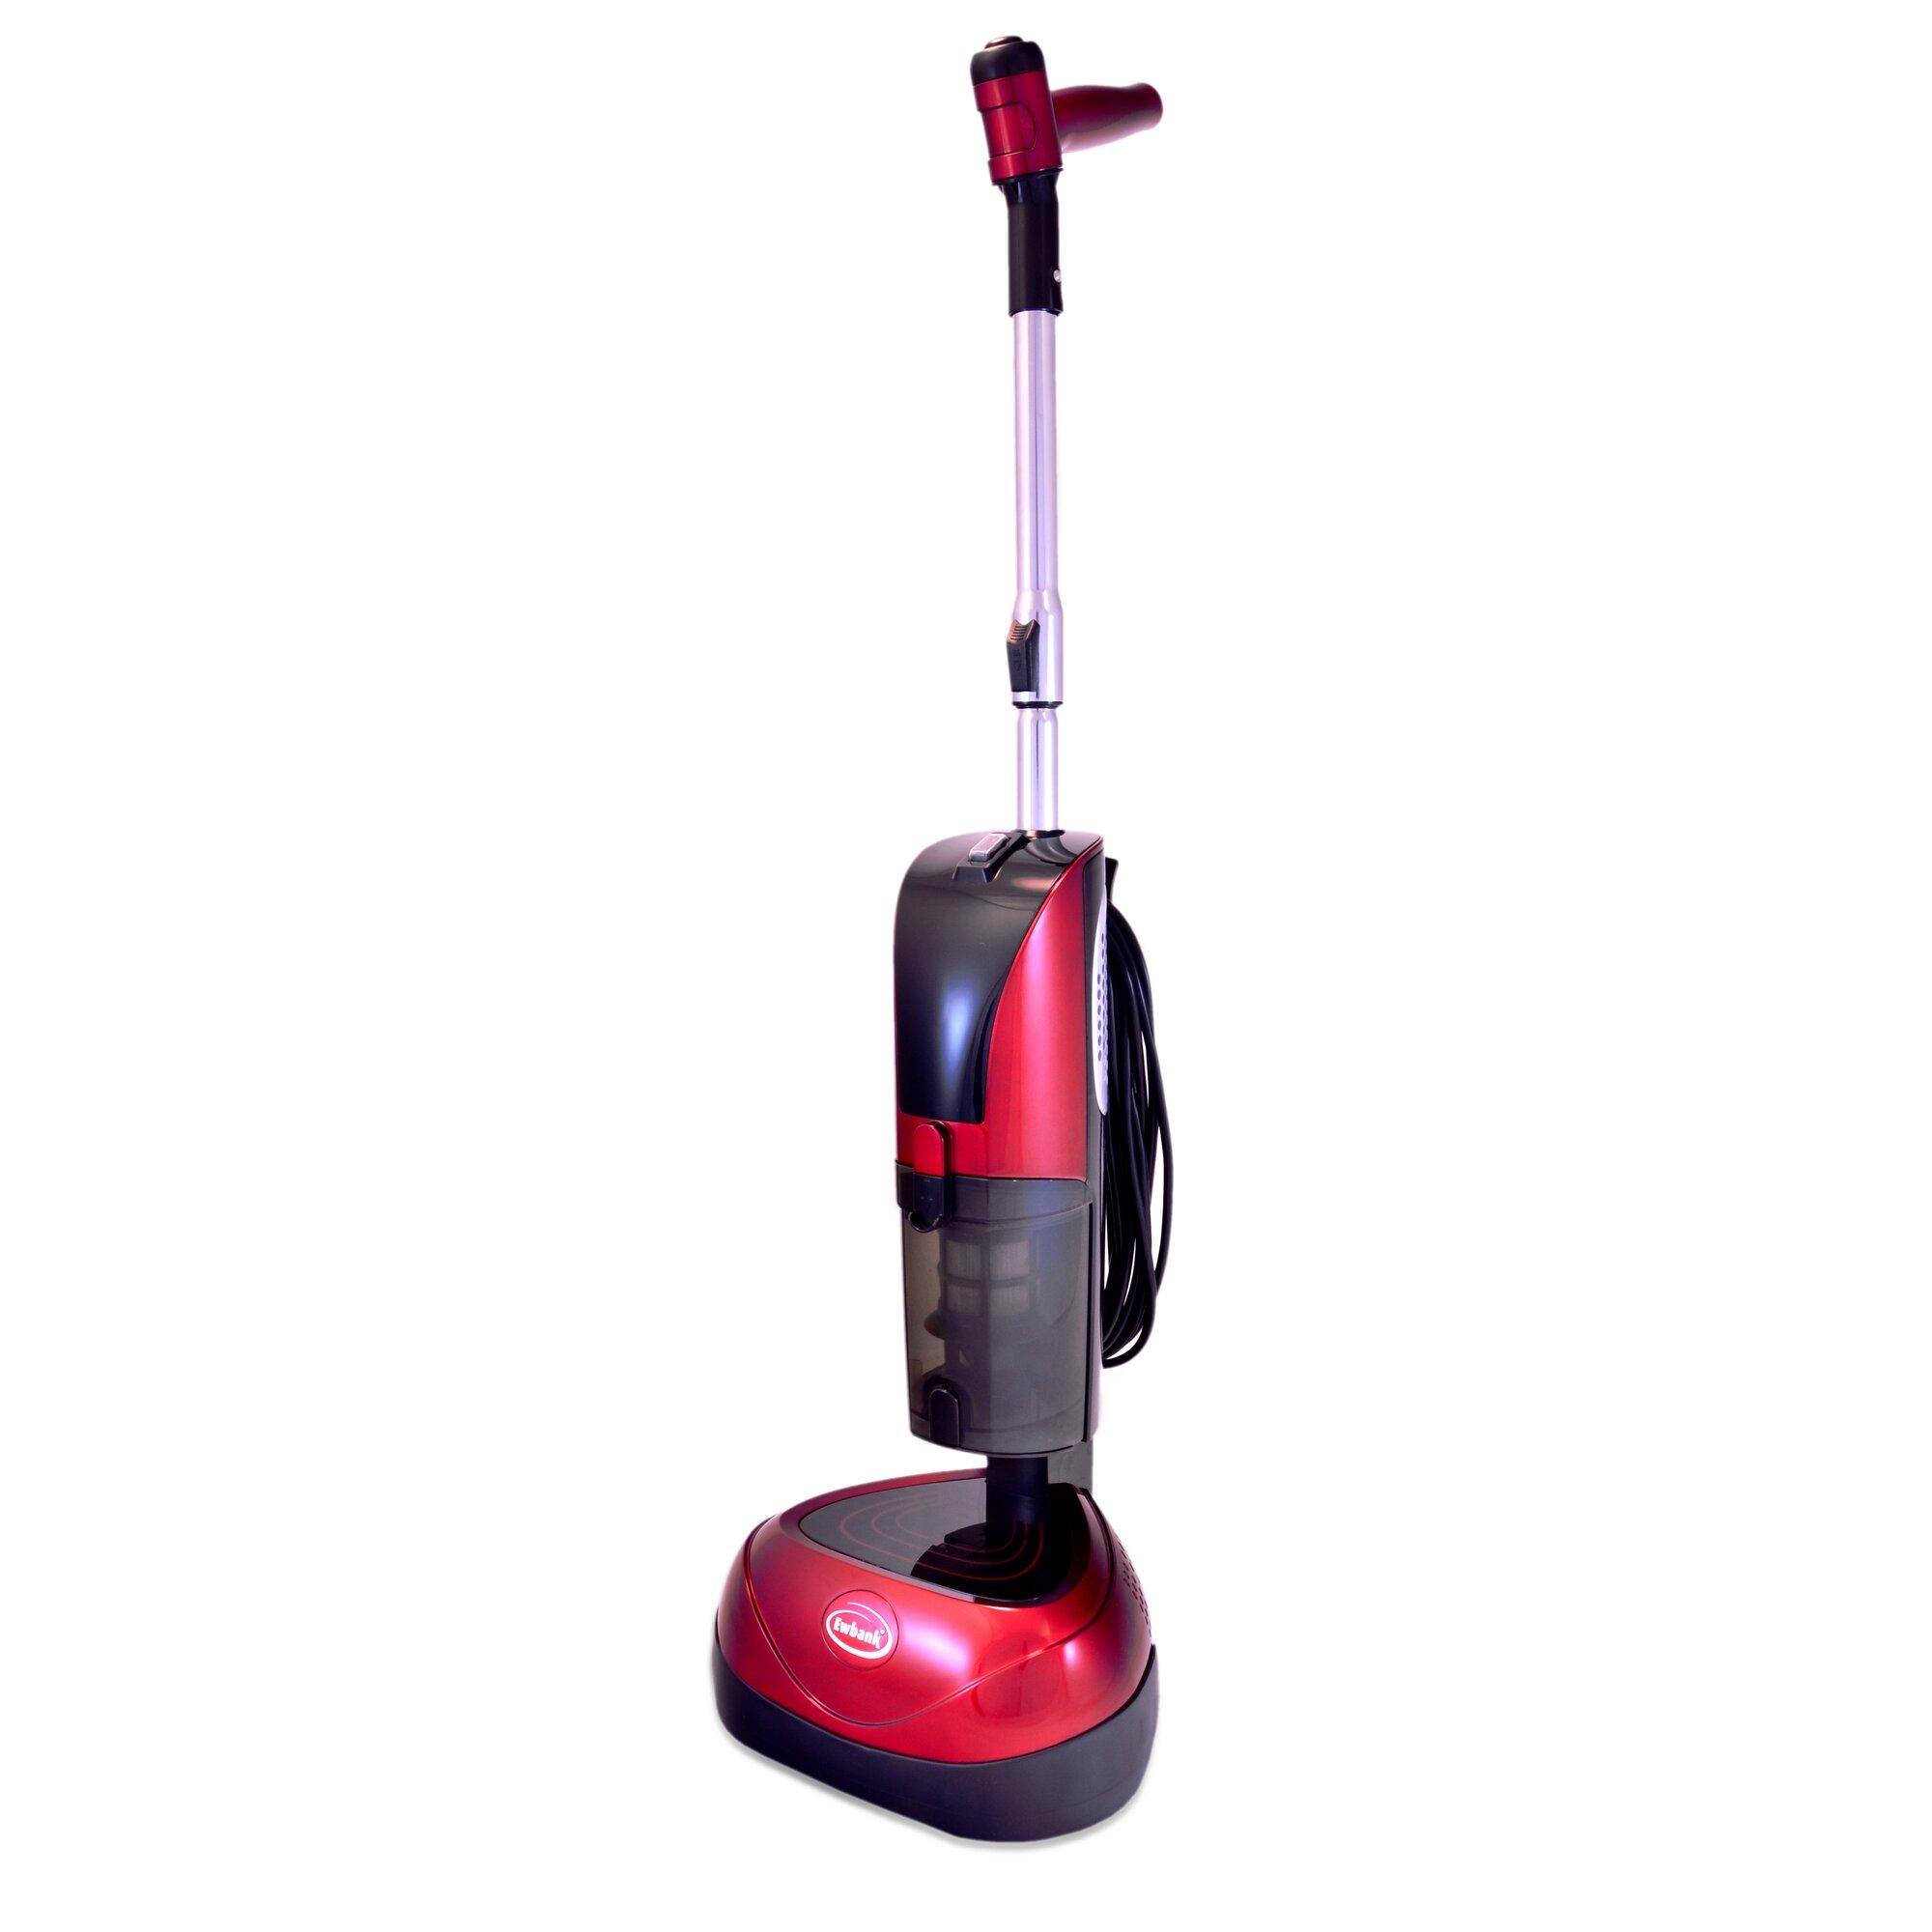 Tile Floor Scrubber 4 in 1 floor cleanerscrubberpolisher and vacuum 4 In 1 Floor Cleanerscrubberpolisher And Vacuum